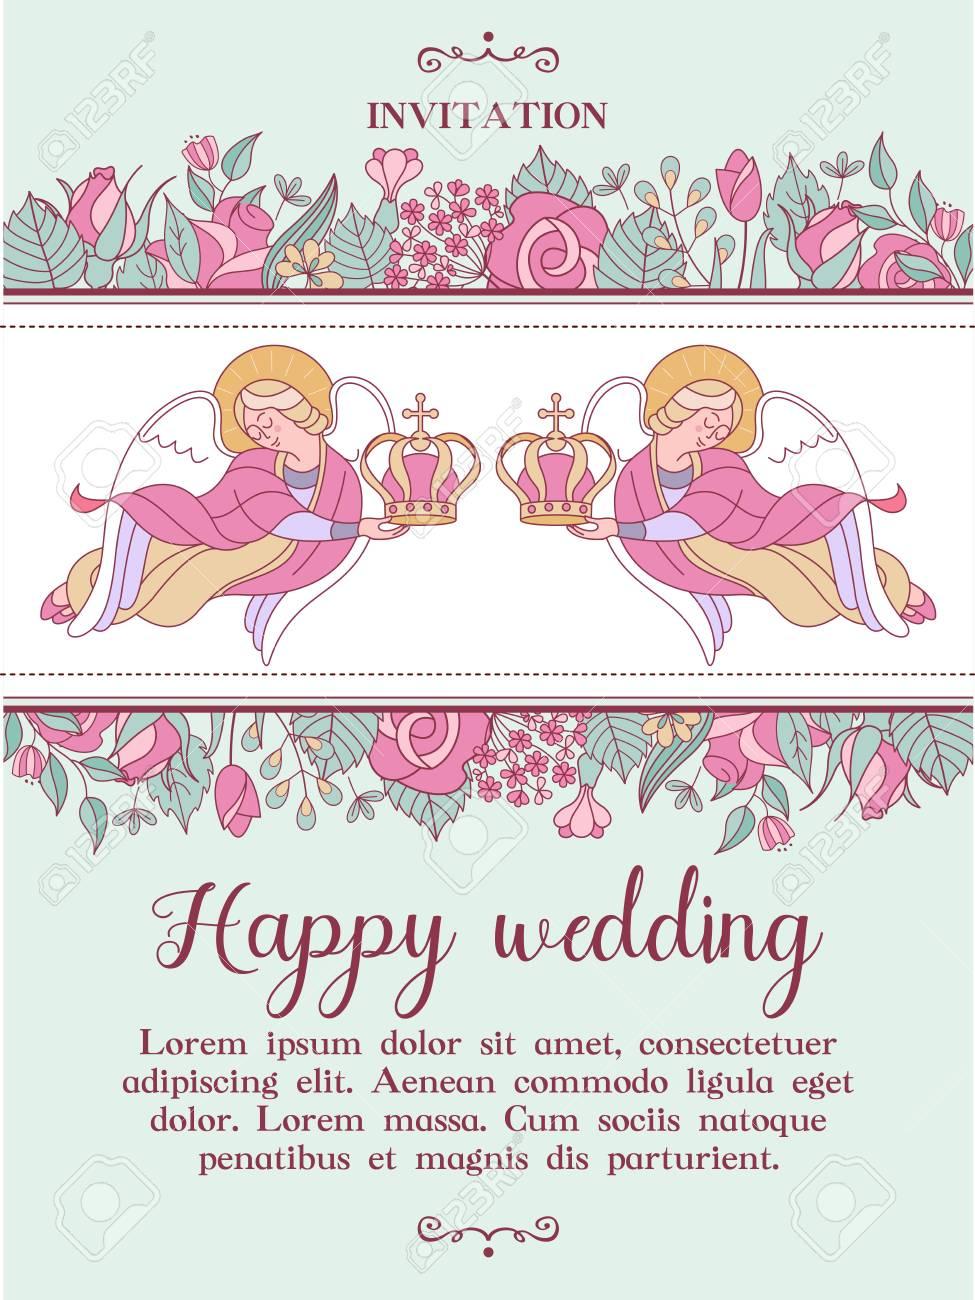 Happy Weddings Wedding Card Wedding Invitation Two Angels